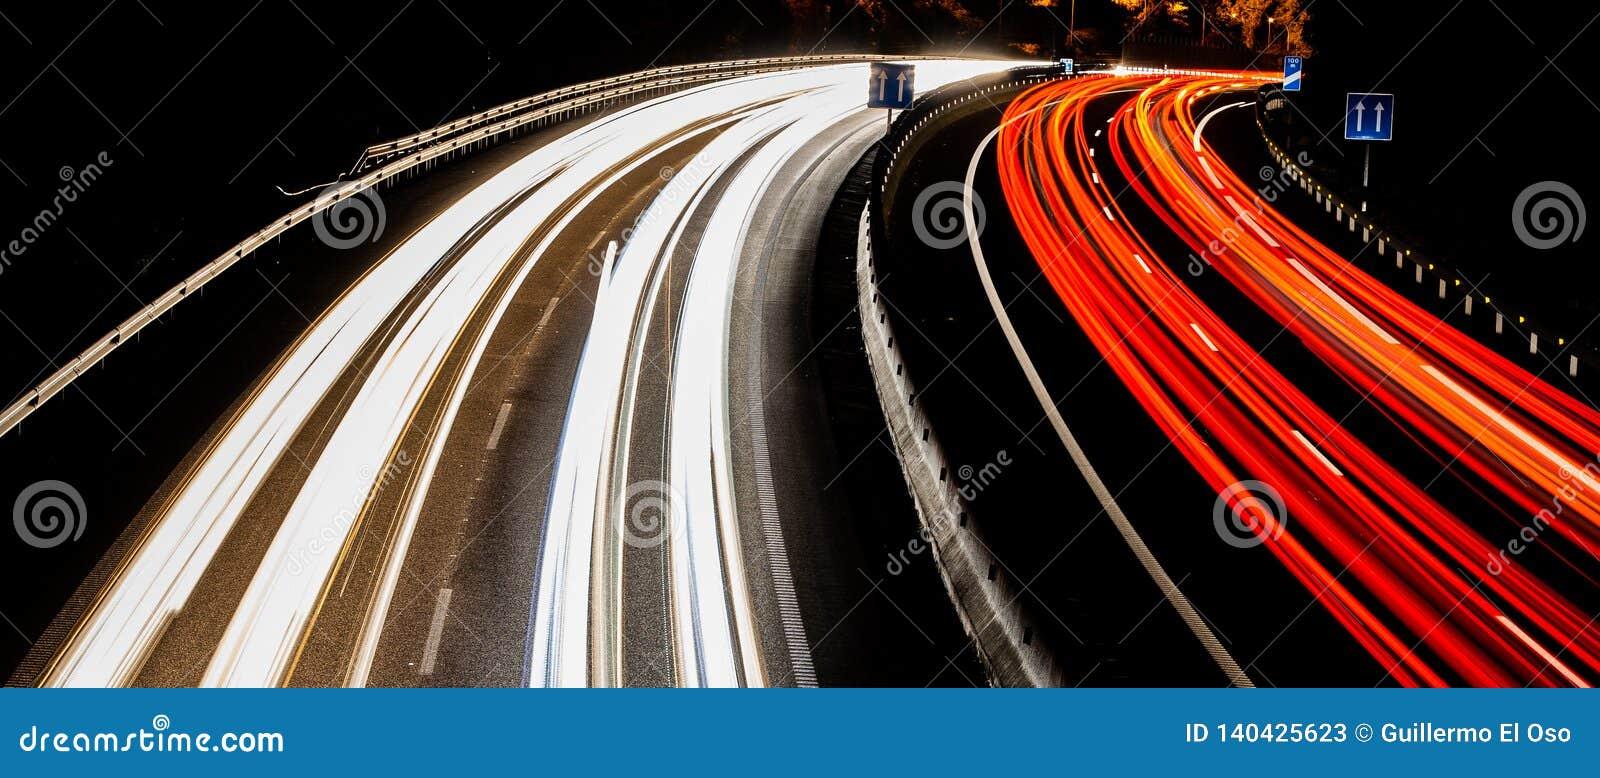 Fantastiska ljusa slingor på huvudvägen i tenerife